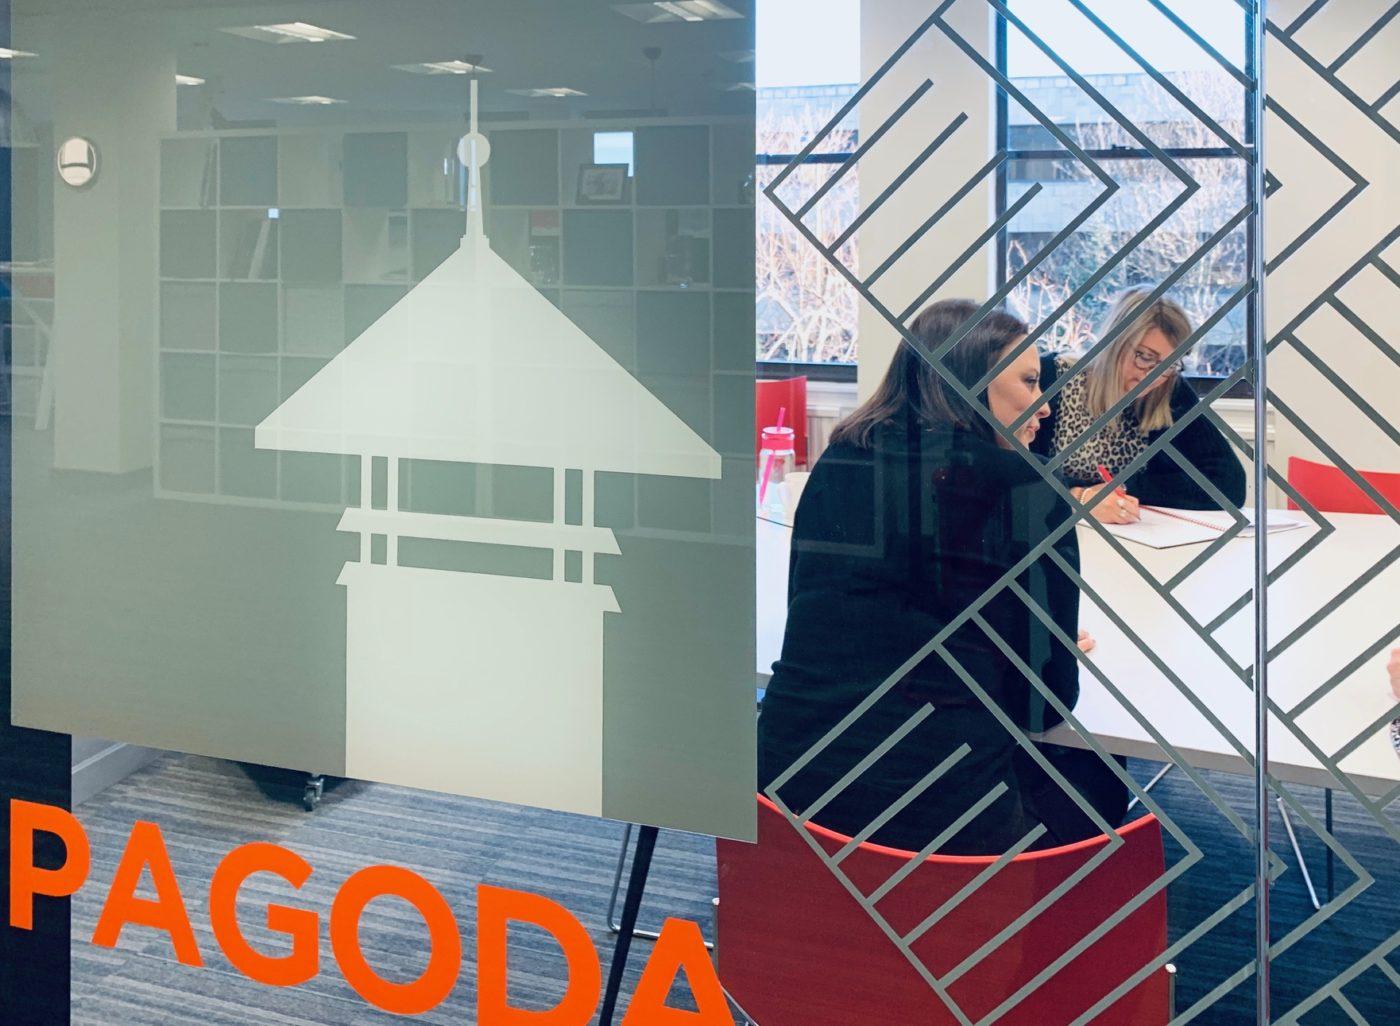 Pagoda PR agency in Edinburgh